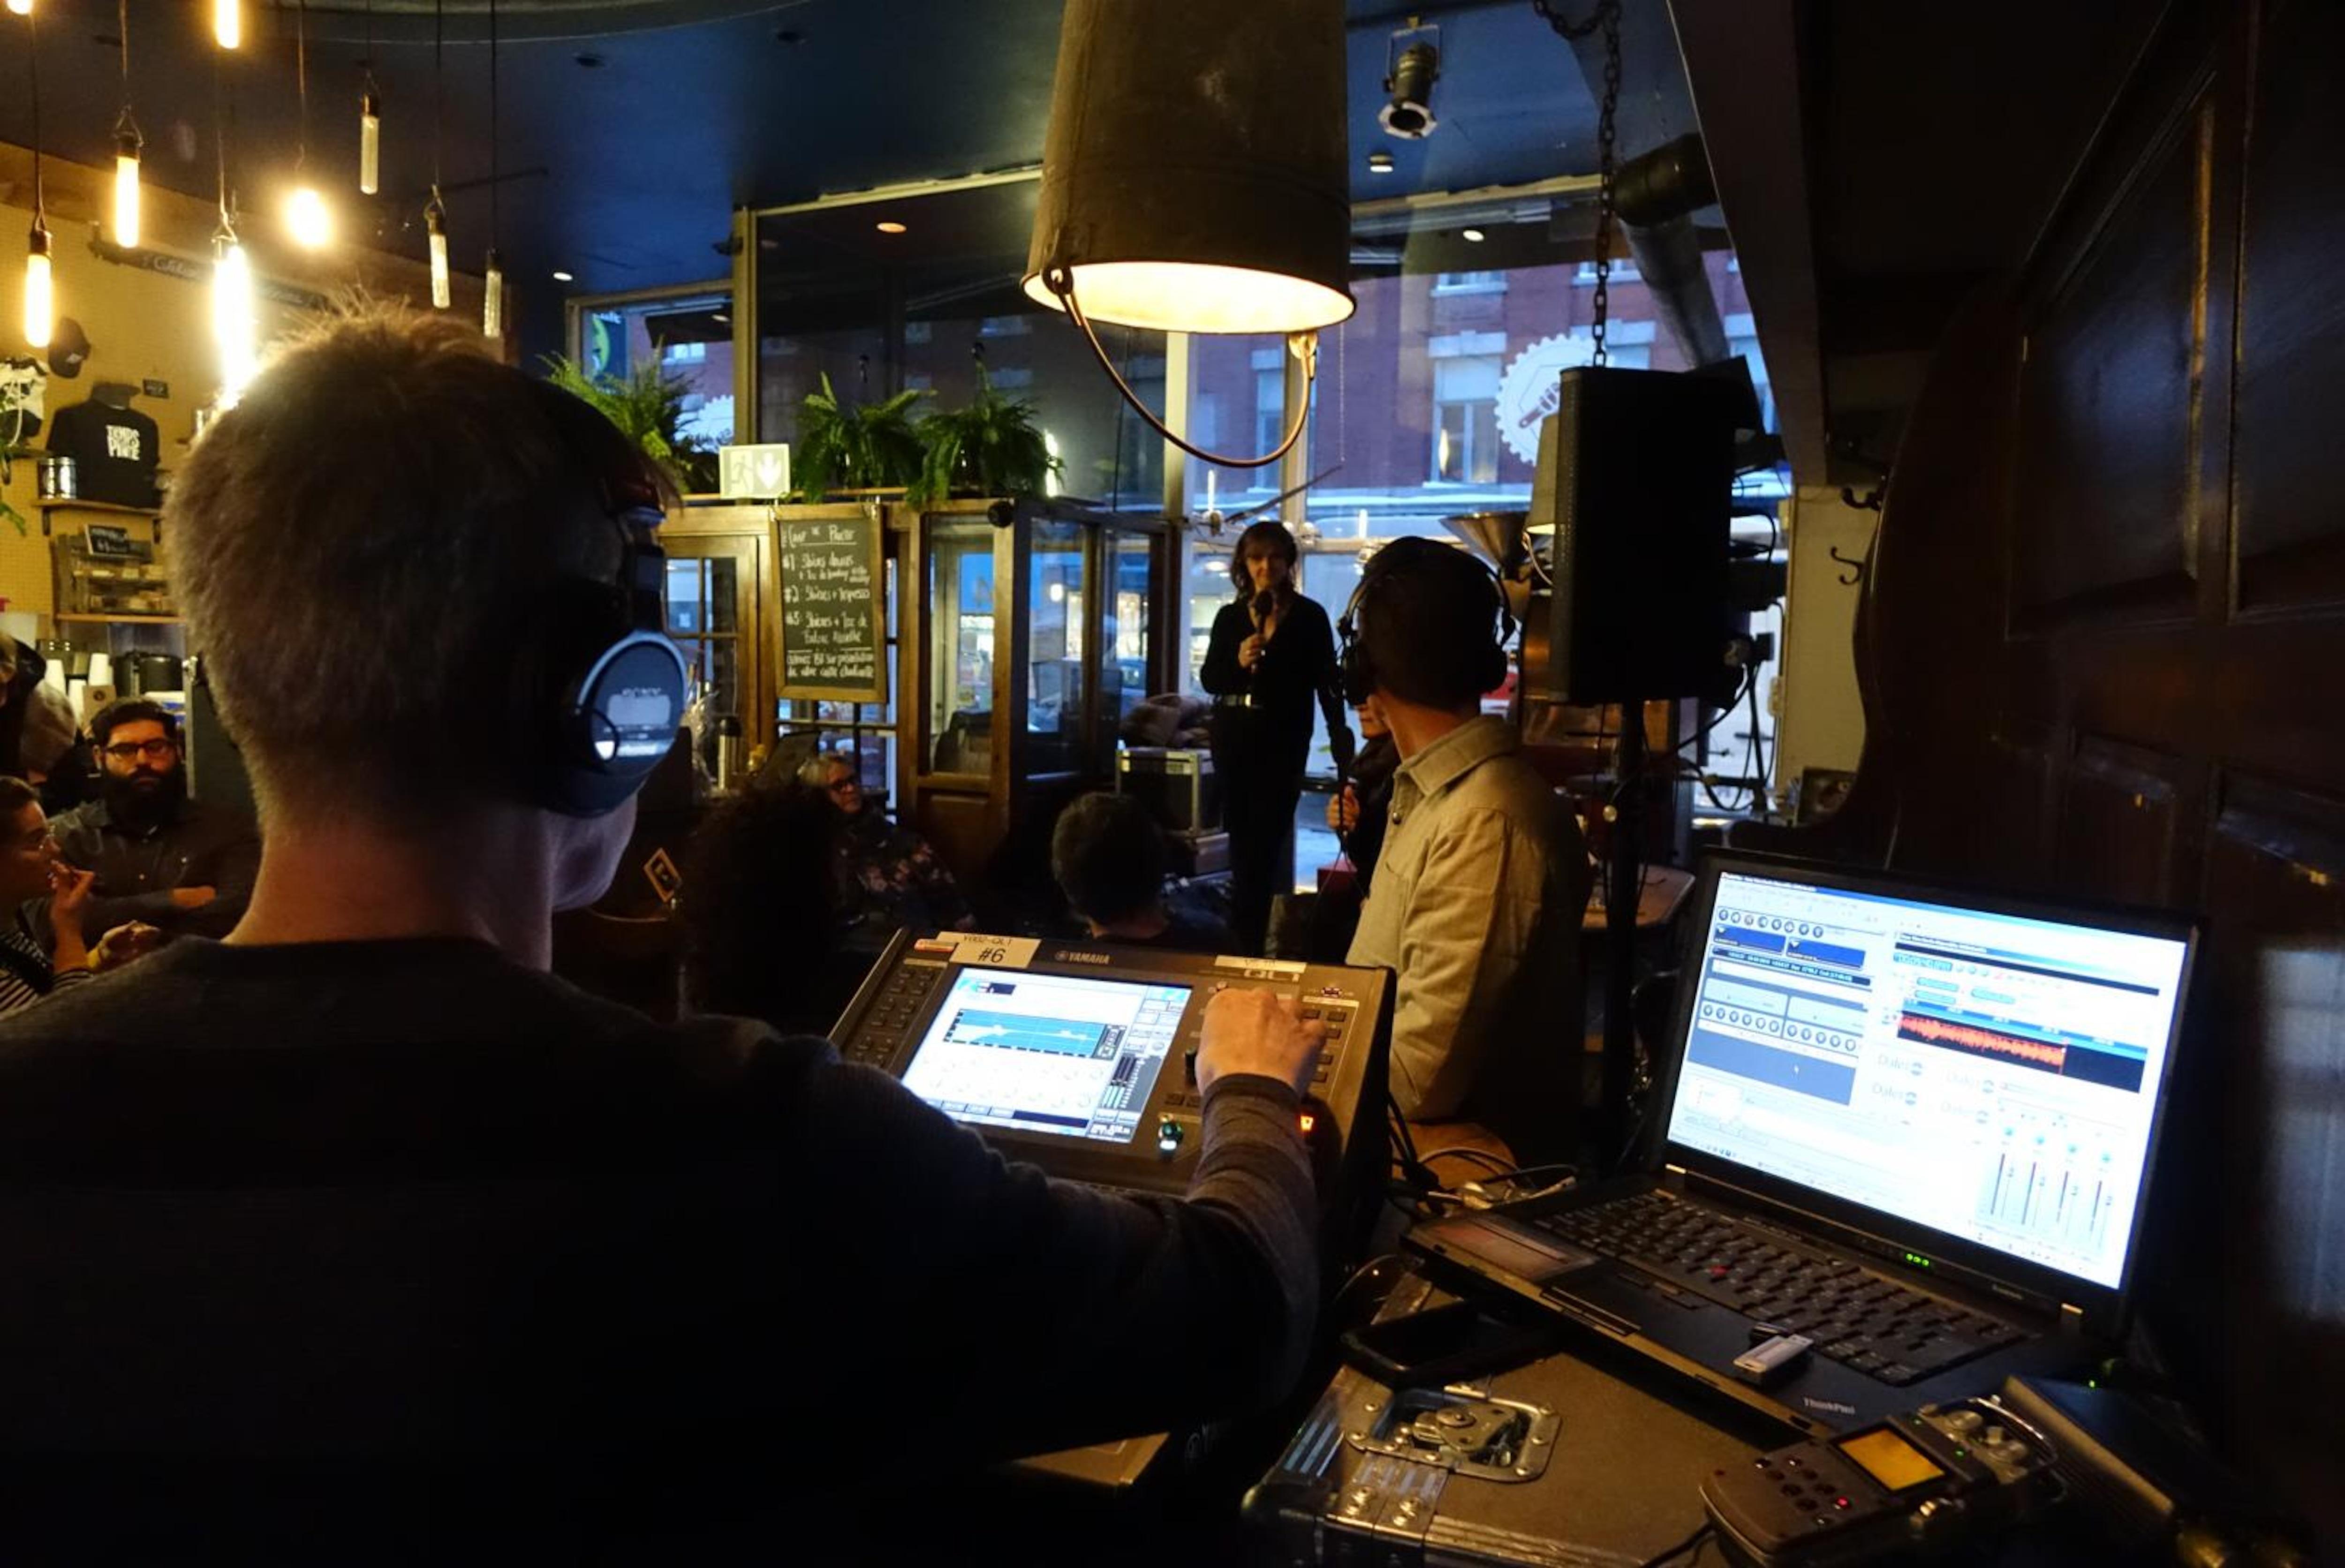 L'animatrice de  l'émission scientifique «Les années-lumière» Sophie-Andrée Blondin   se tient debout devant le public assis aux tables de la microbrasserie Le temps d'une pinte à Trois-Rivières pour l'enregistrement de l'émission.